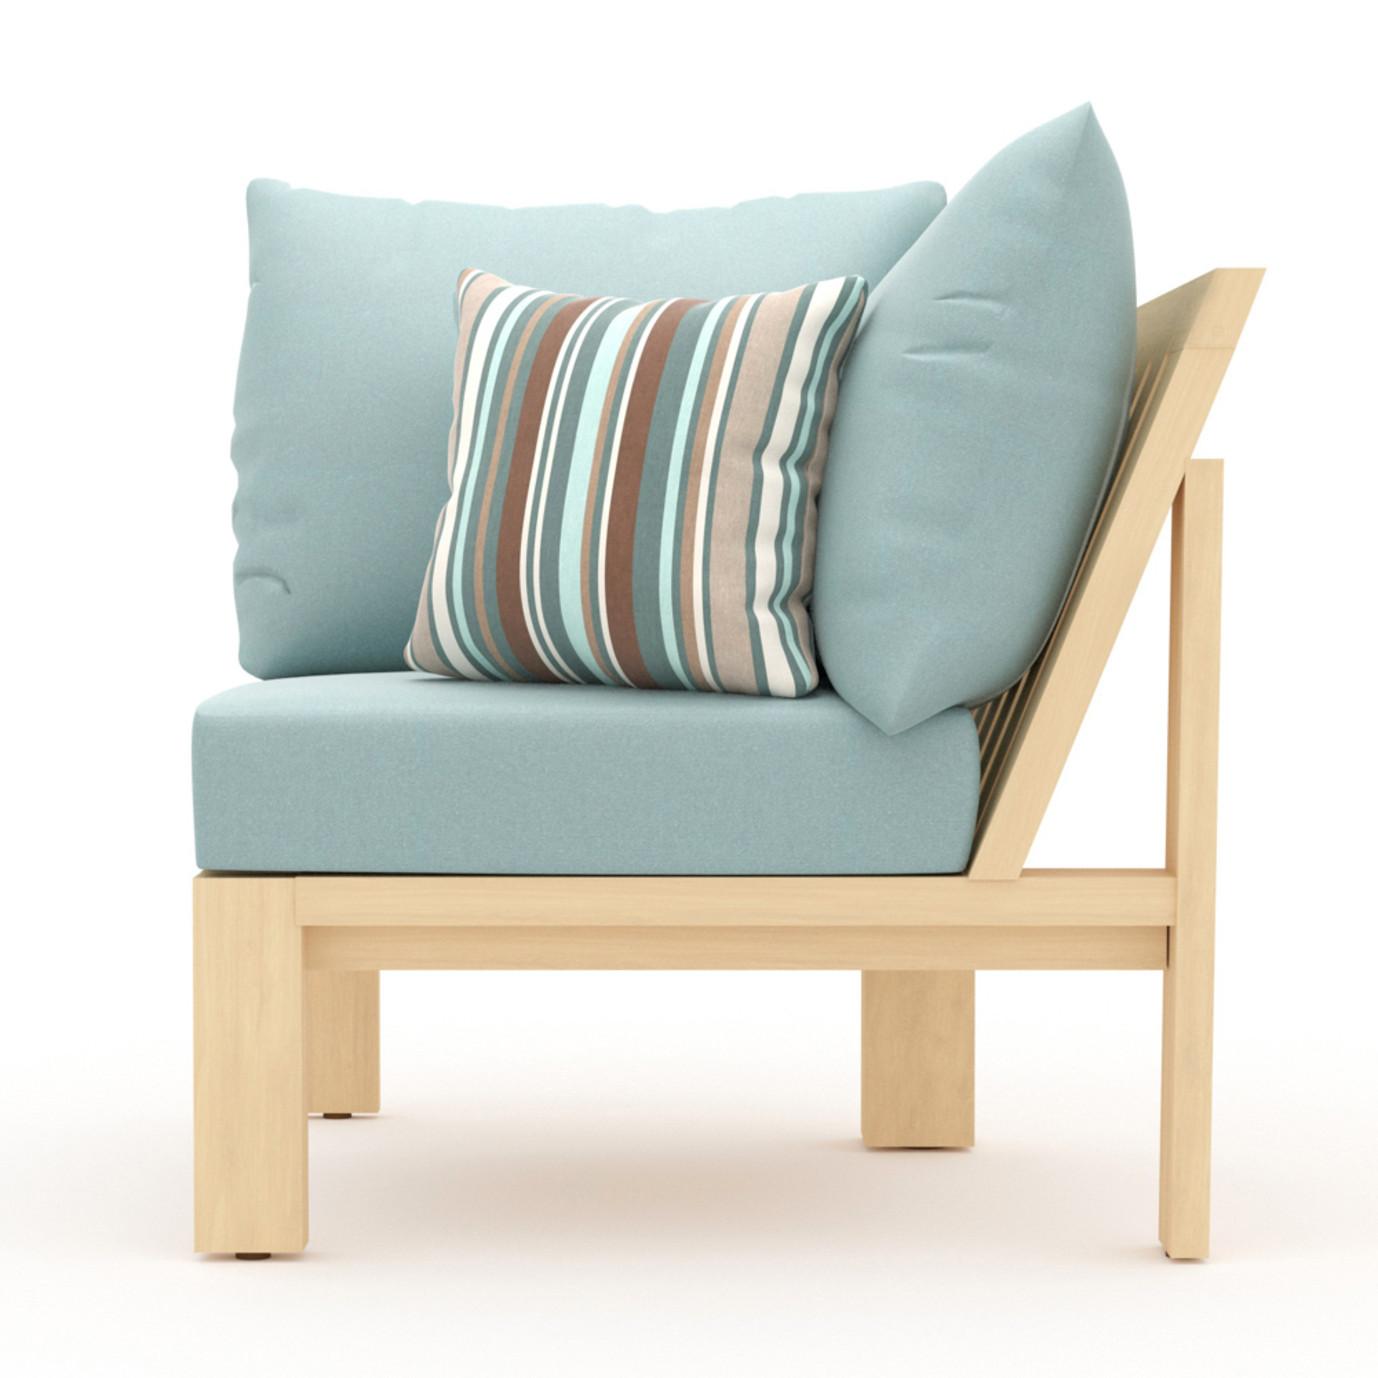 Benson Corner Chair - Bliss Blue